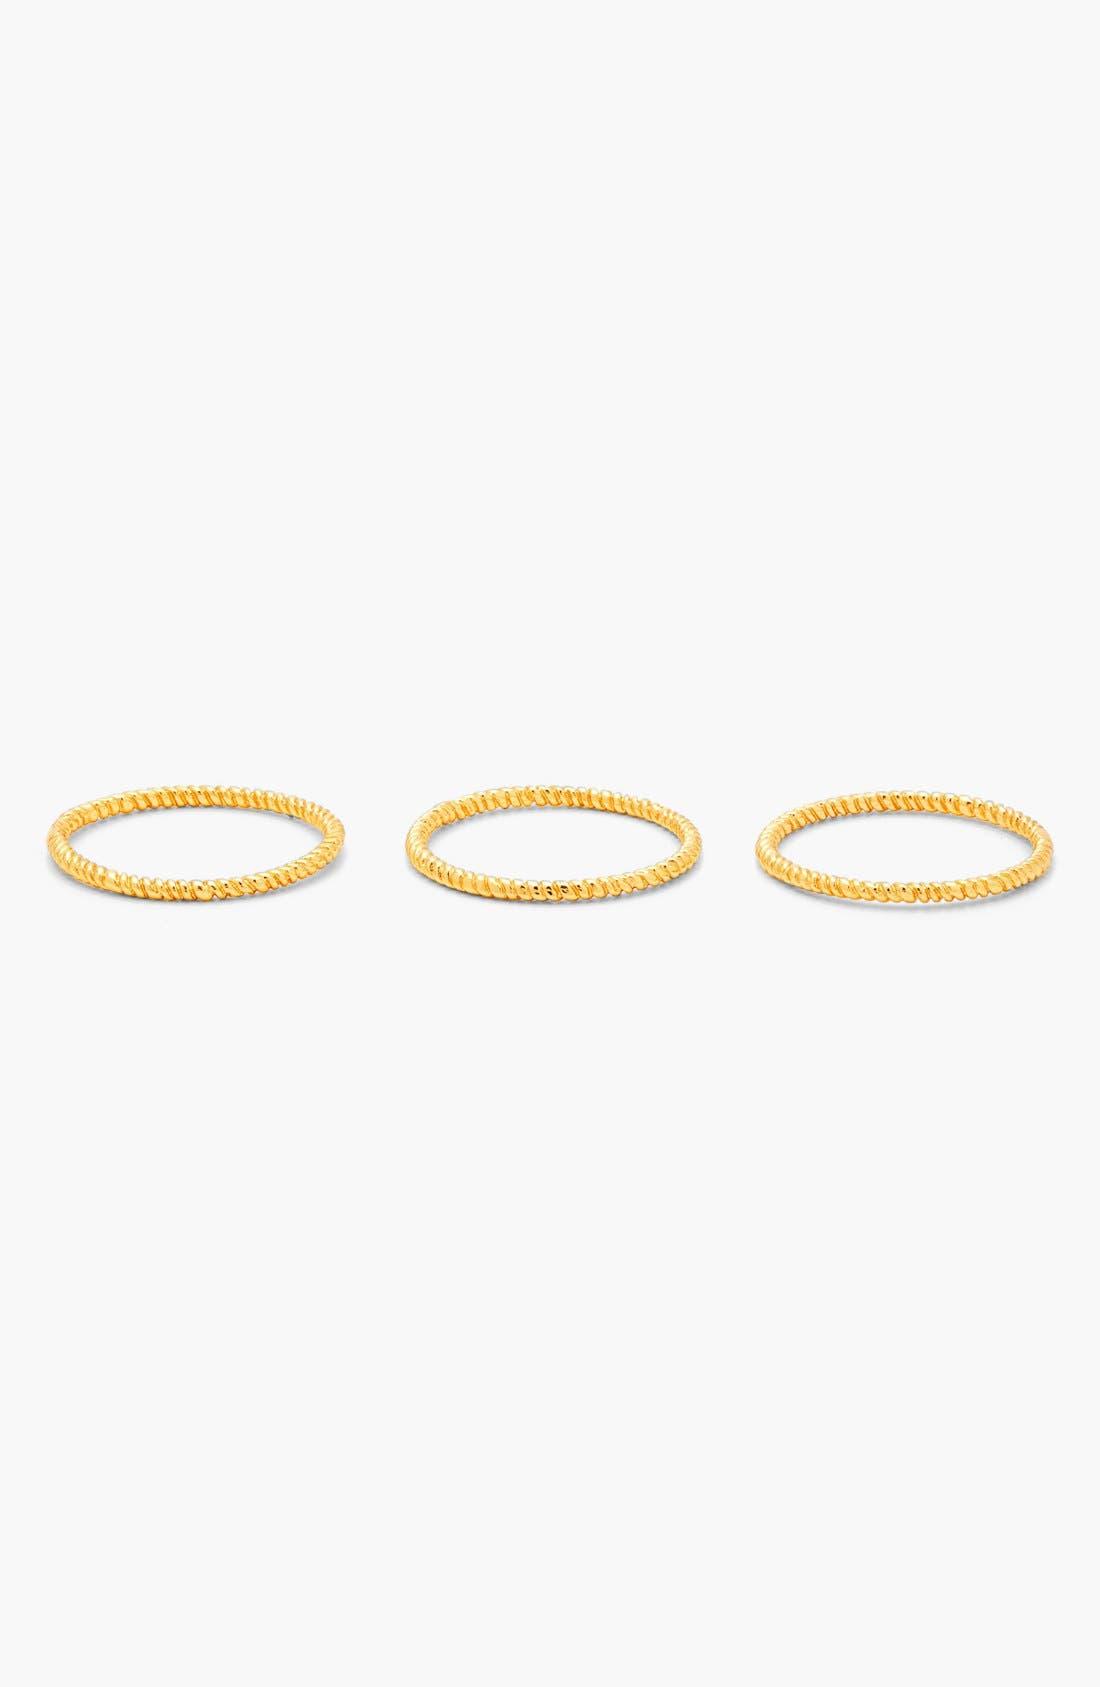 Alternate Image 3  - gorjana Textured Rings (Set of 3)